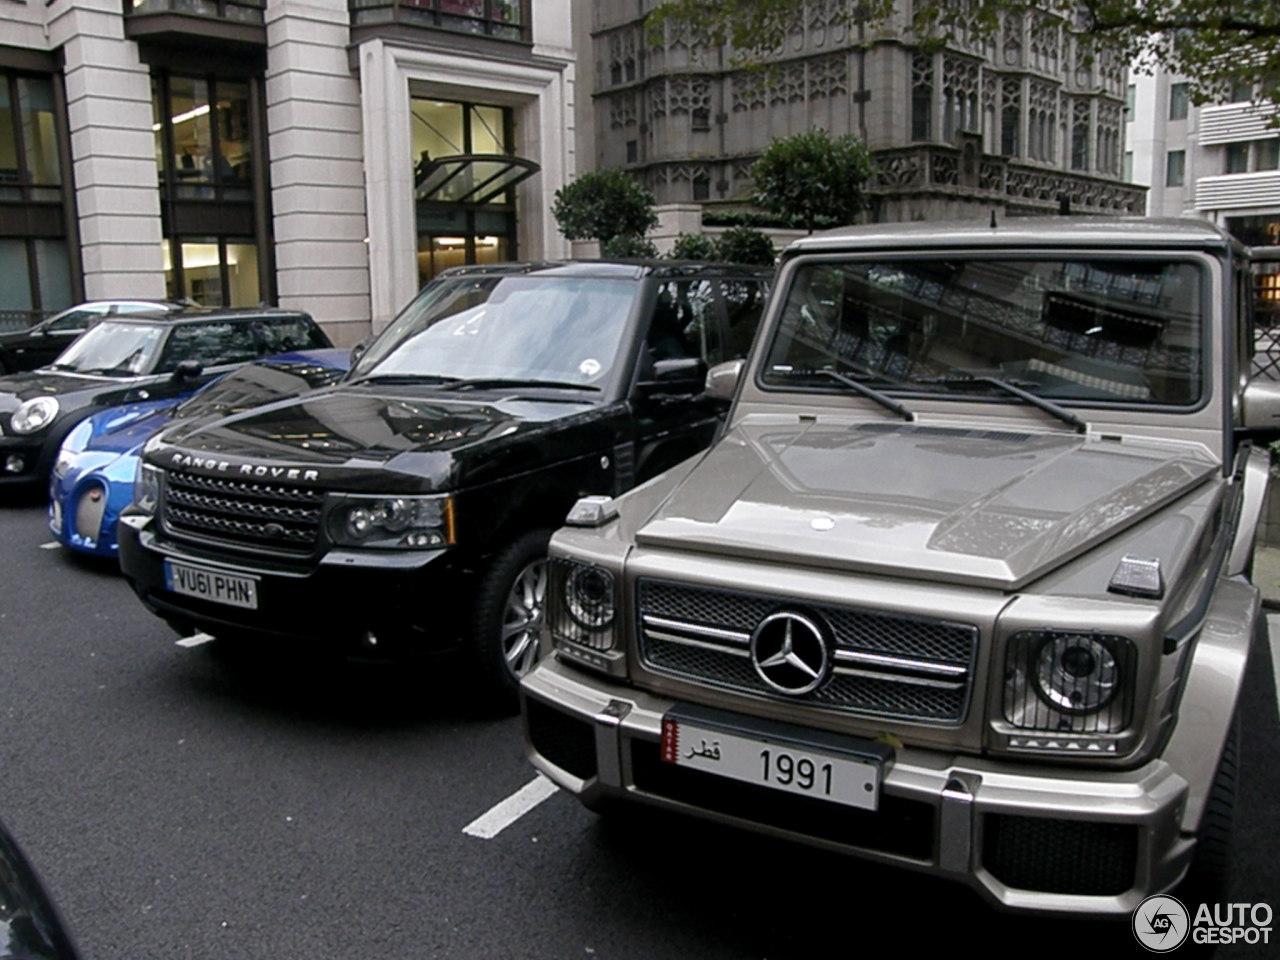 Mercedes benz g 65 amg 5 november 2015 autogespot for Mercedes benz g 65 amg